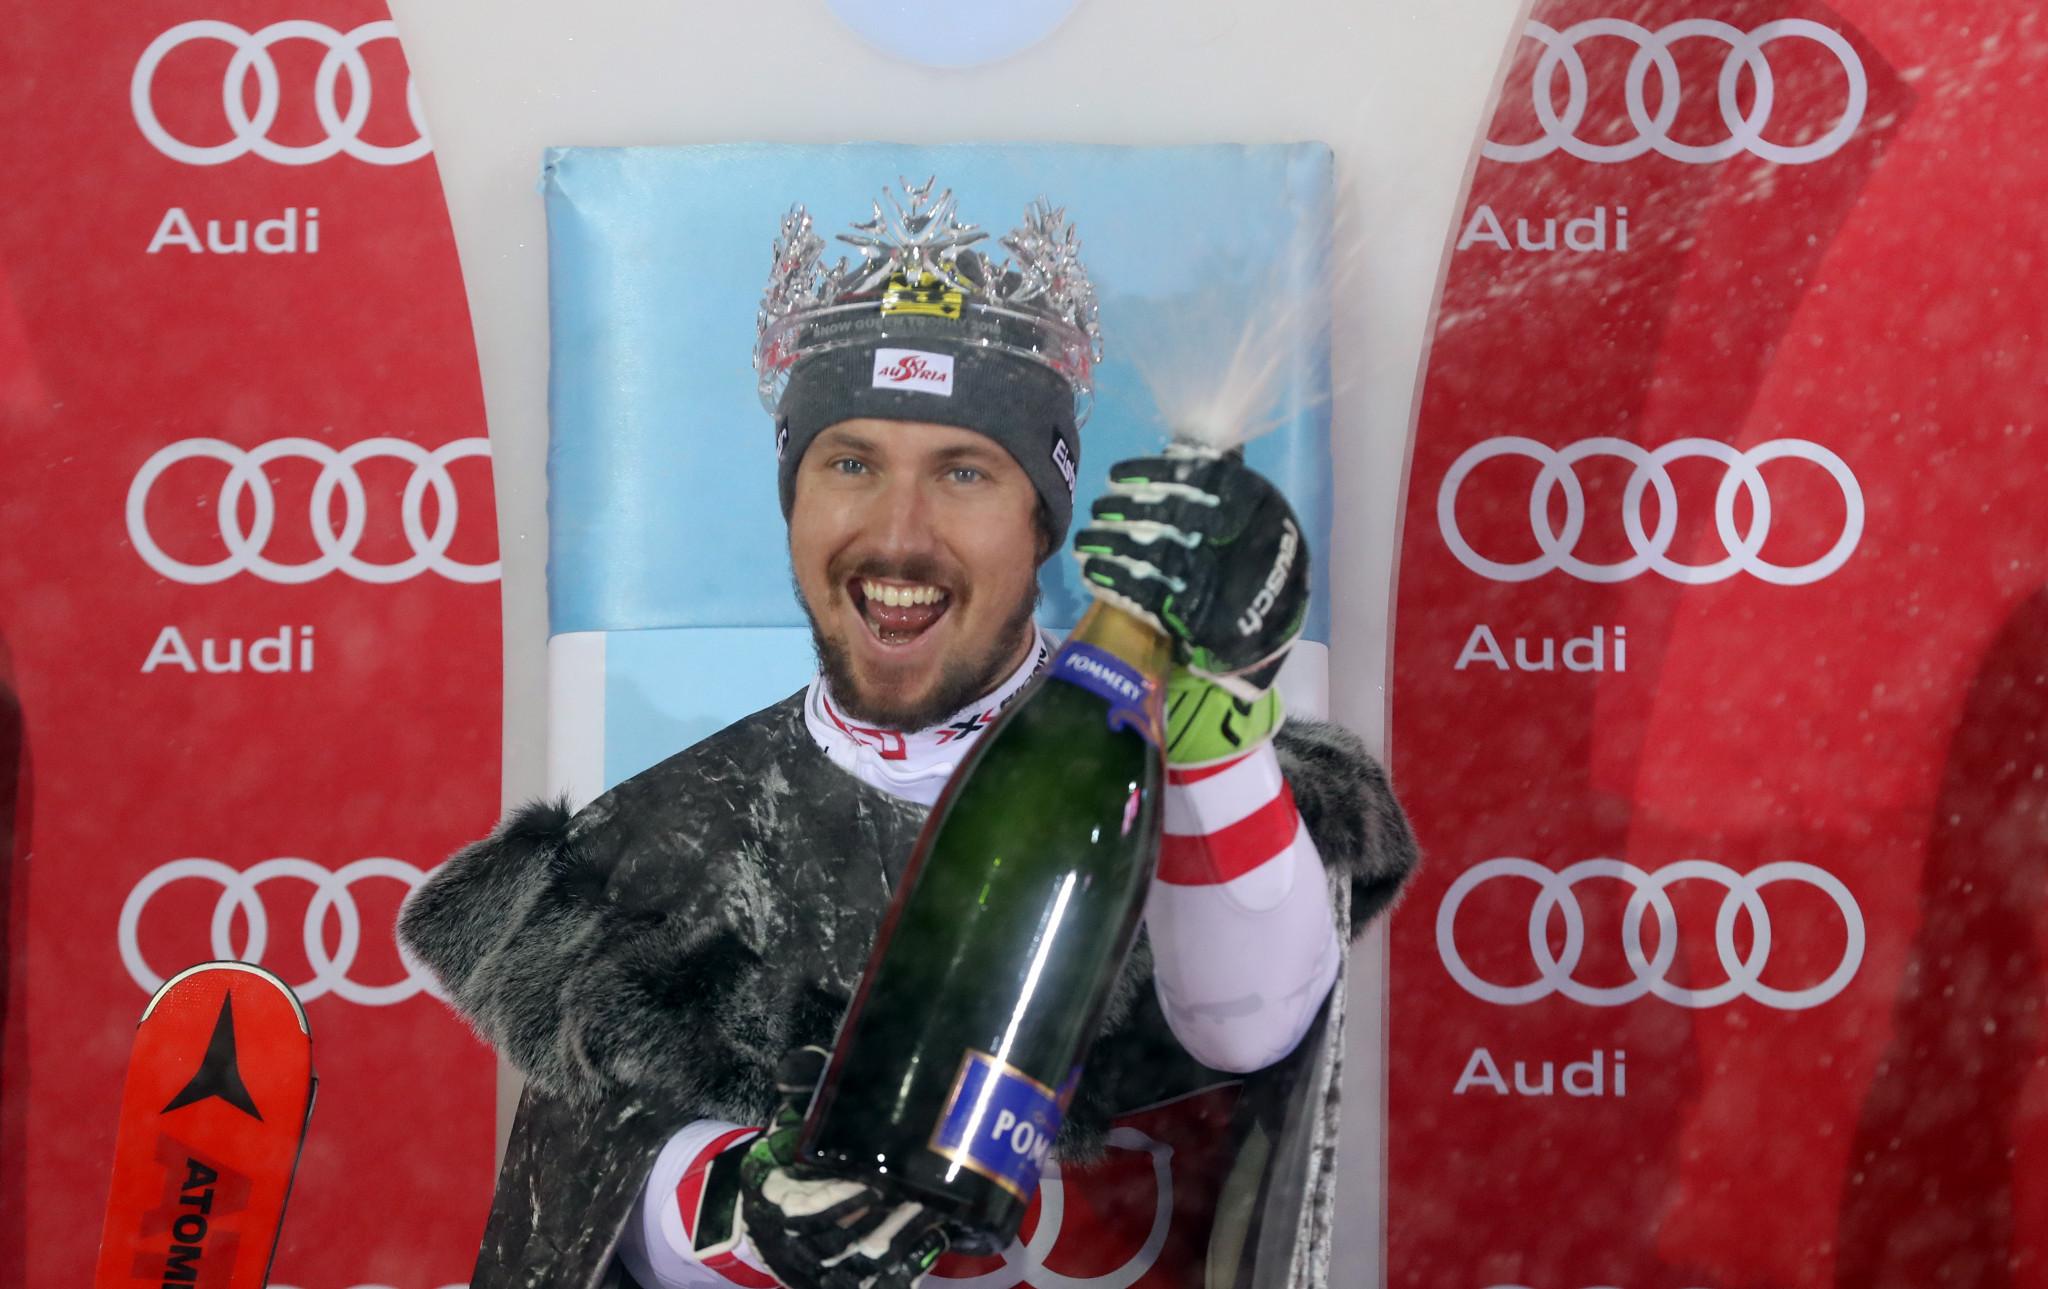 Hirscher wins Snow Queen Trophy at FIS Alpine Ski World Cup in Zagreb